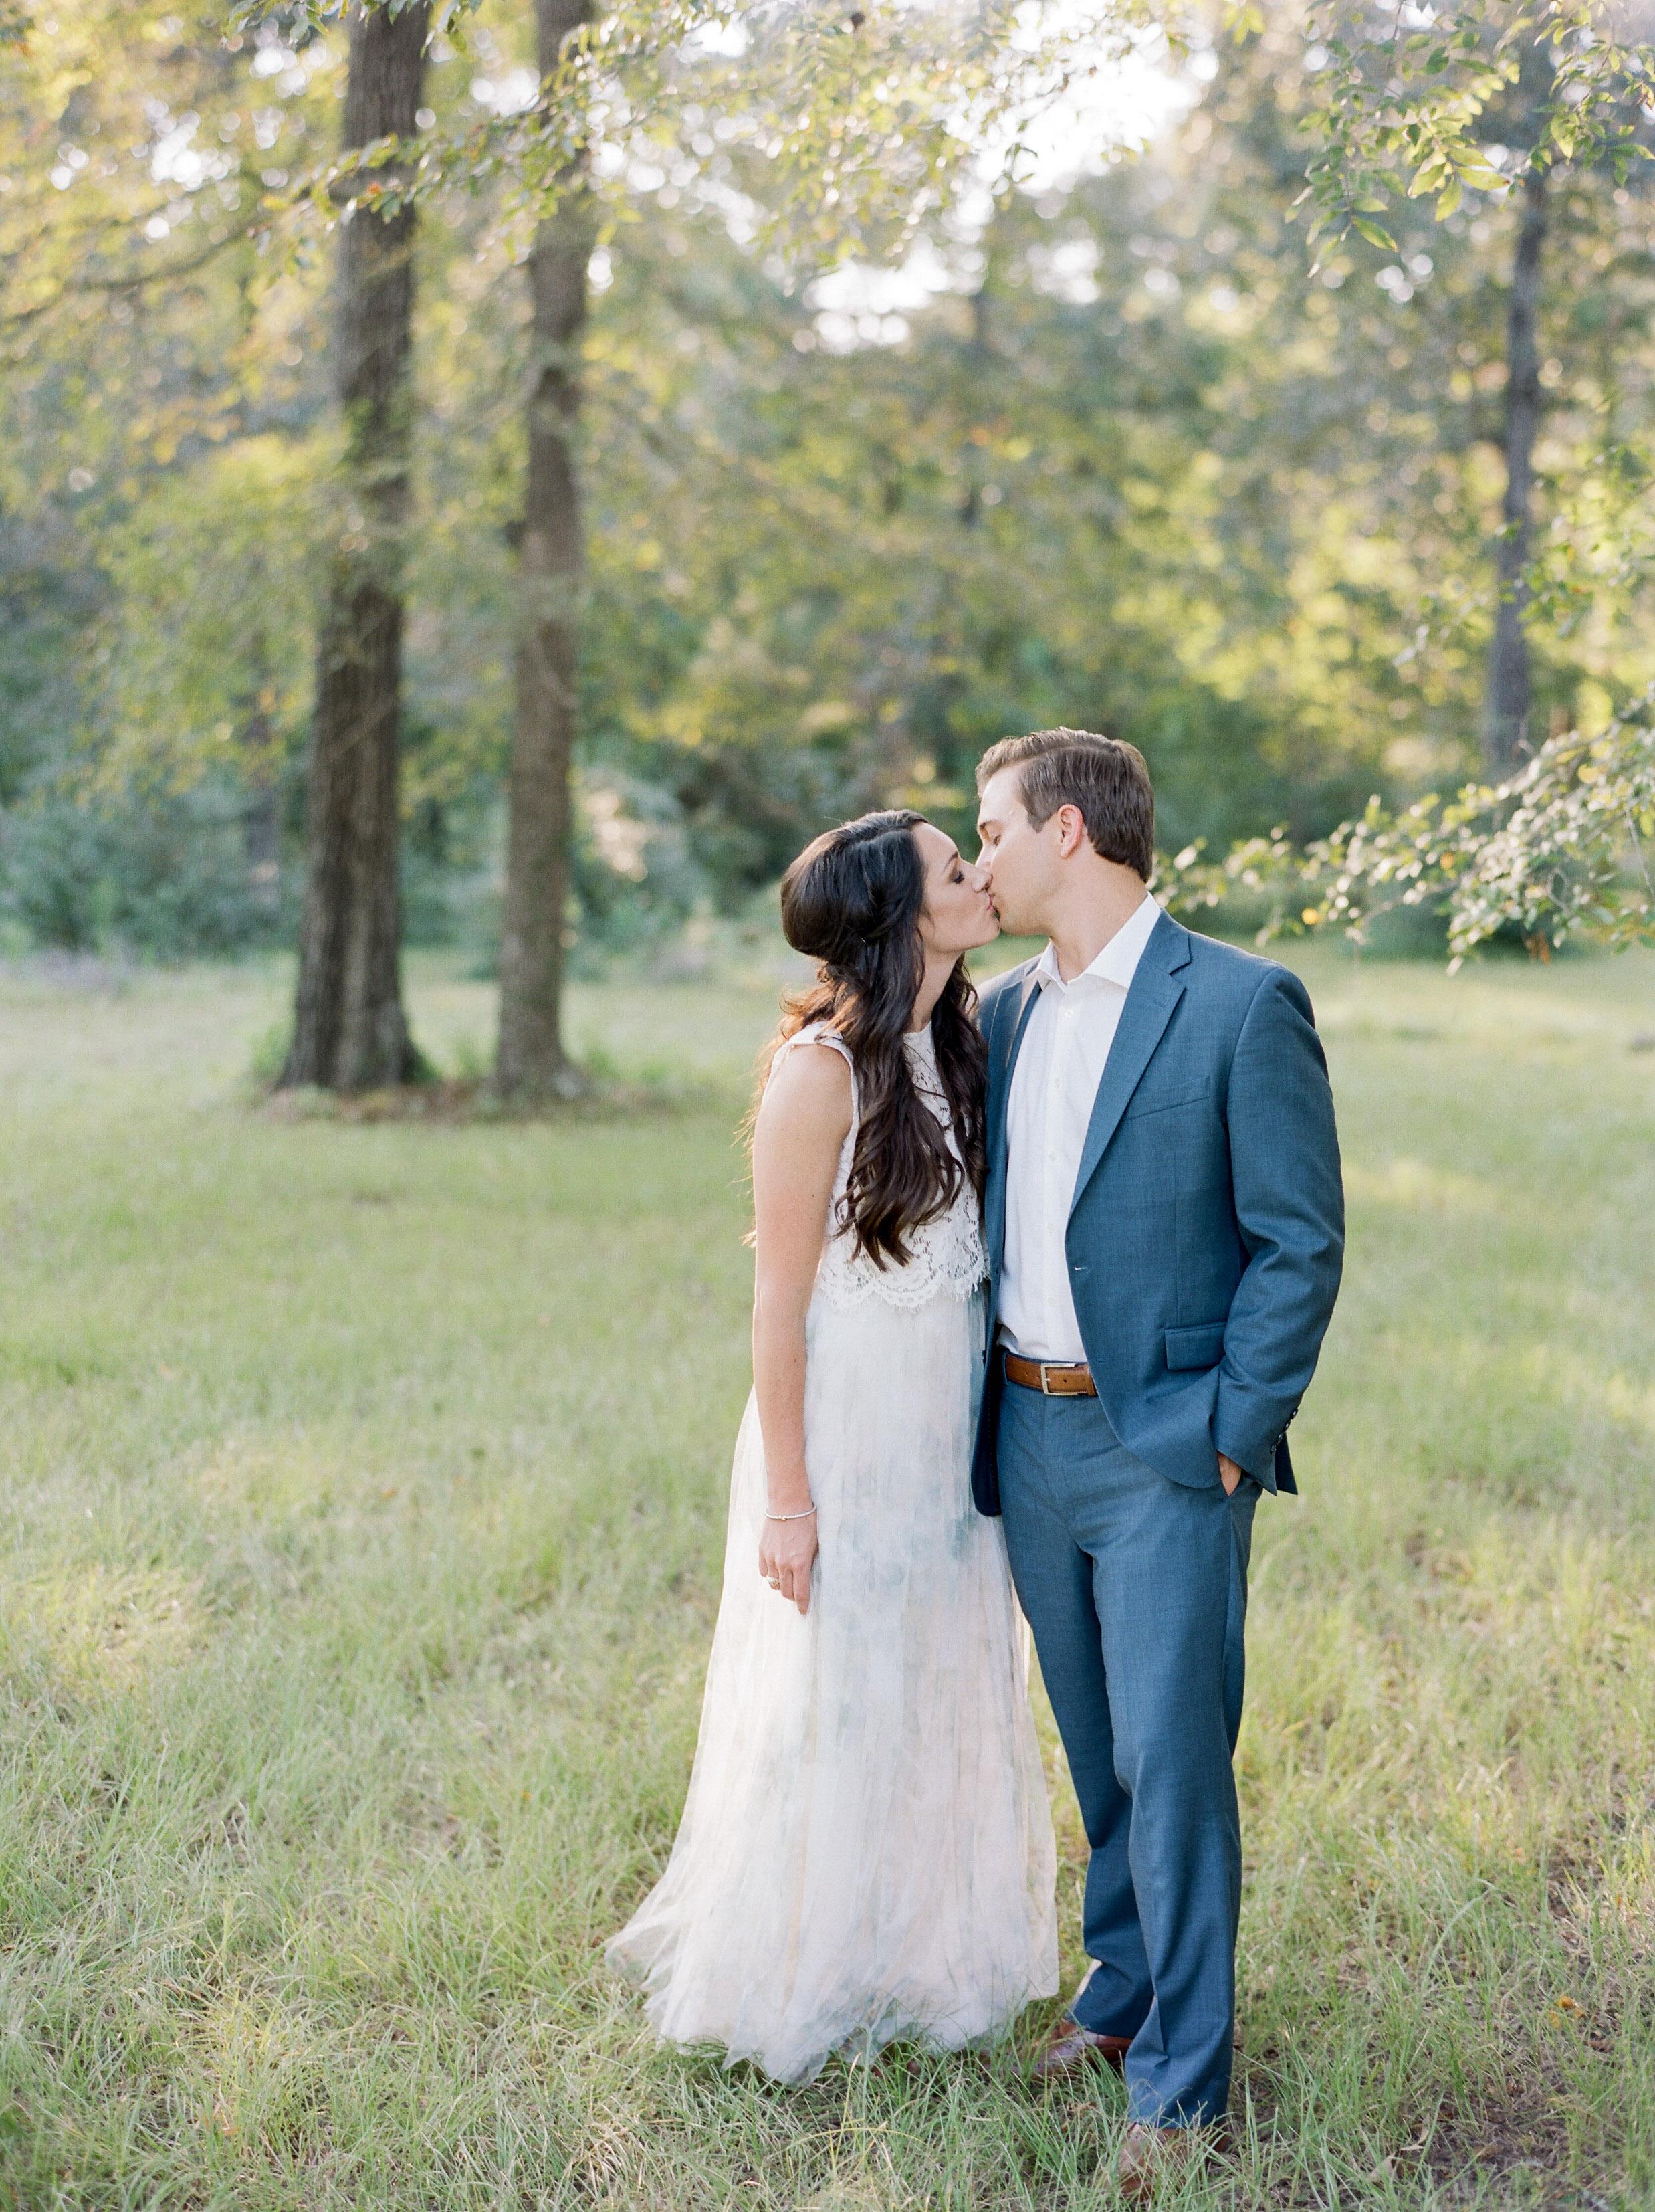 houston-wedding-photographer-engagements-engagement-session-houston-portrait-photographer-film-austin-wedding-photography-9.jpg